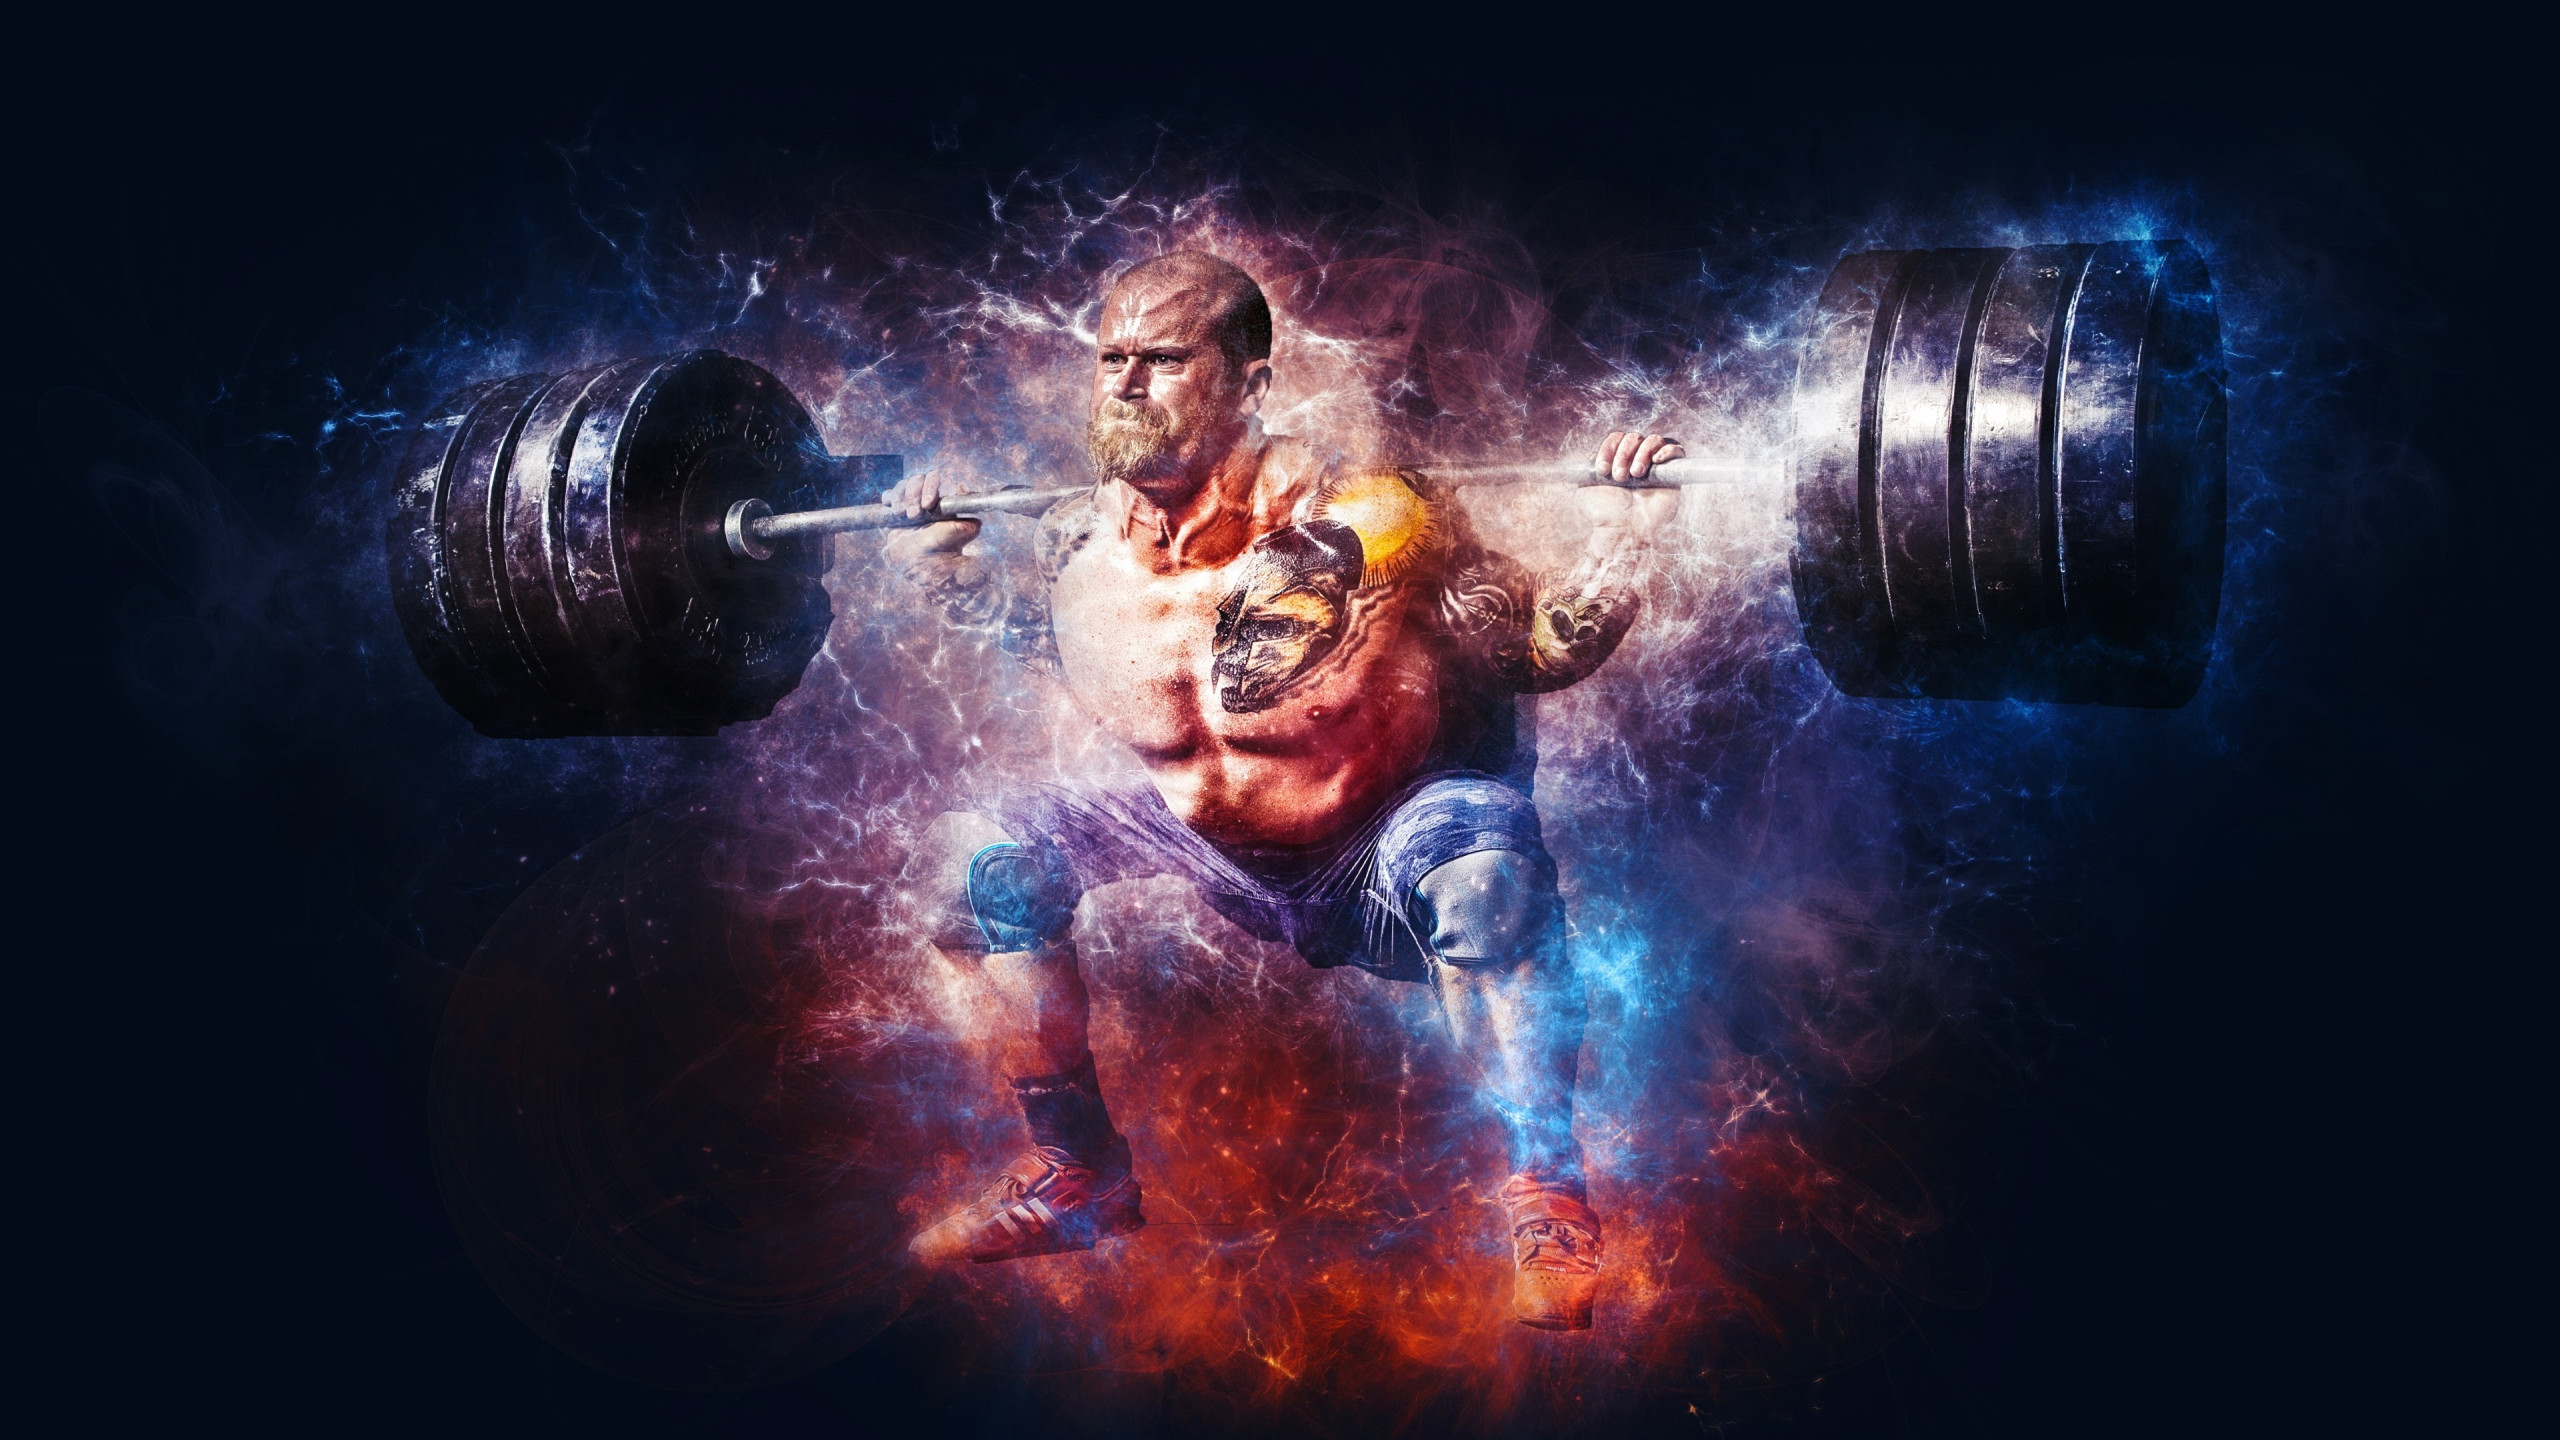 Download Wallpaper Bodybuilding 2560x1440